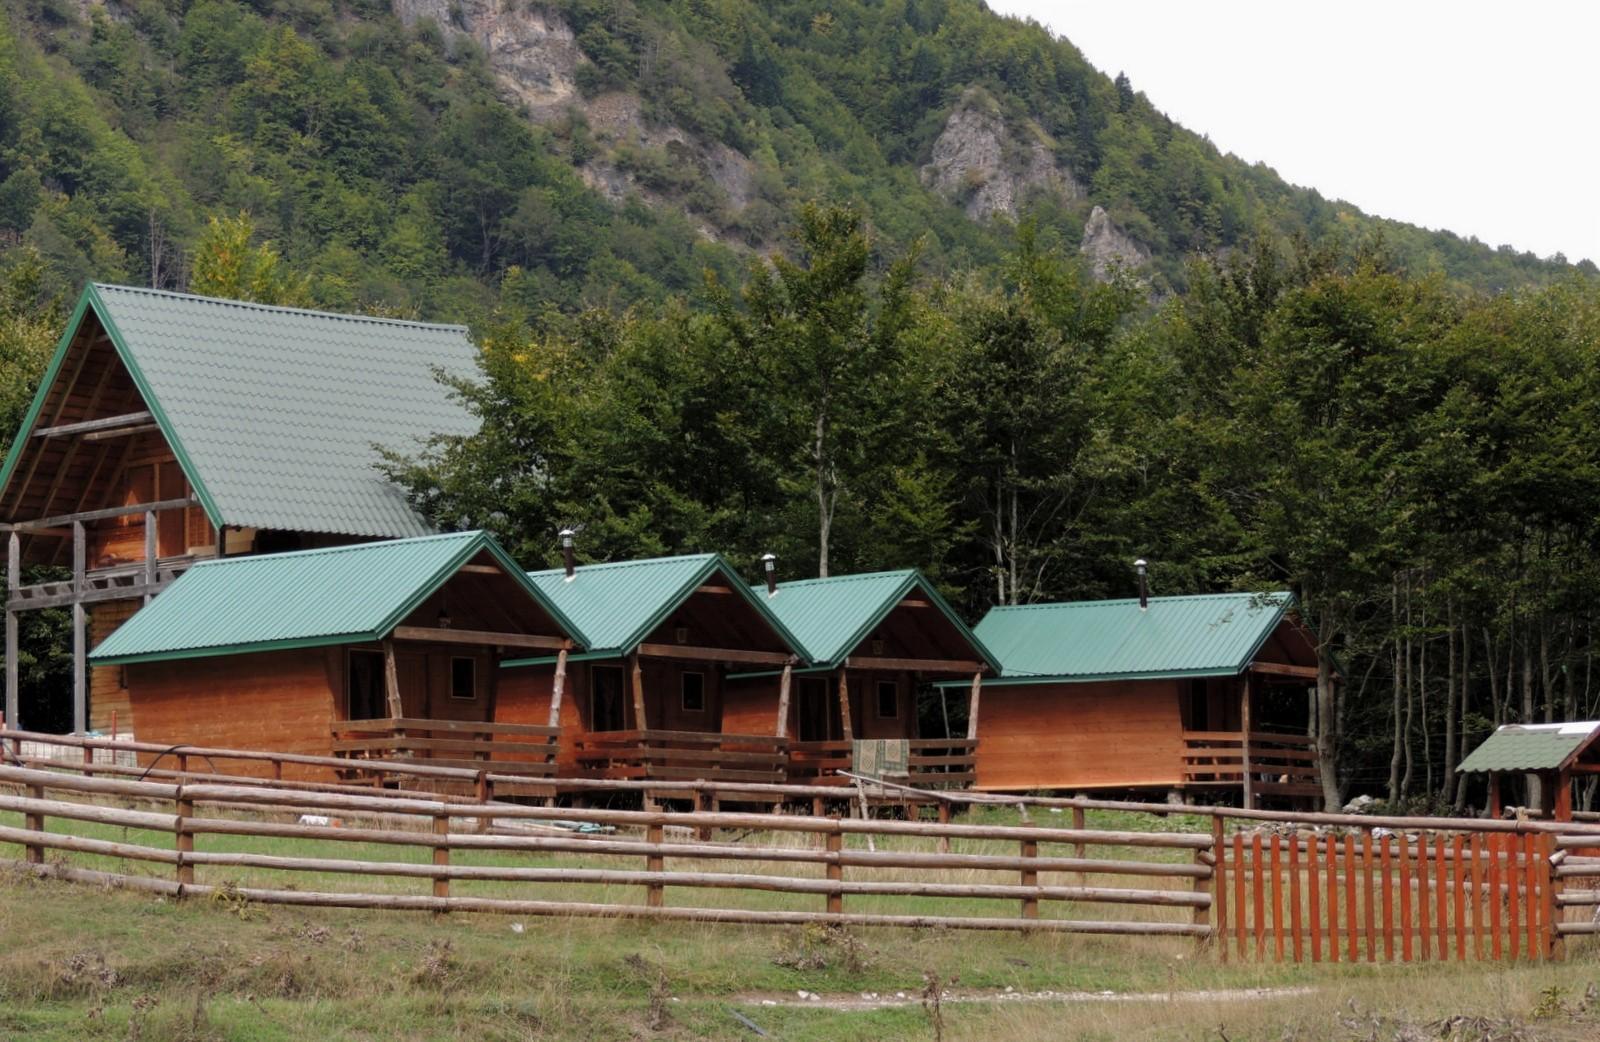 Berggasthaus Maja Karanfil im Grenzgebirge von Montenegro und Albanien - Prokletije Nationalpark